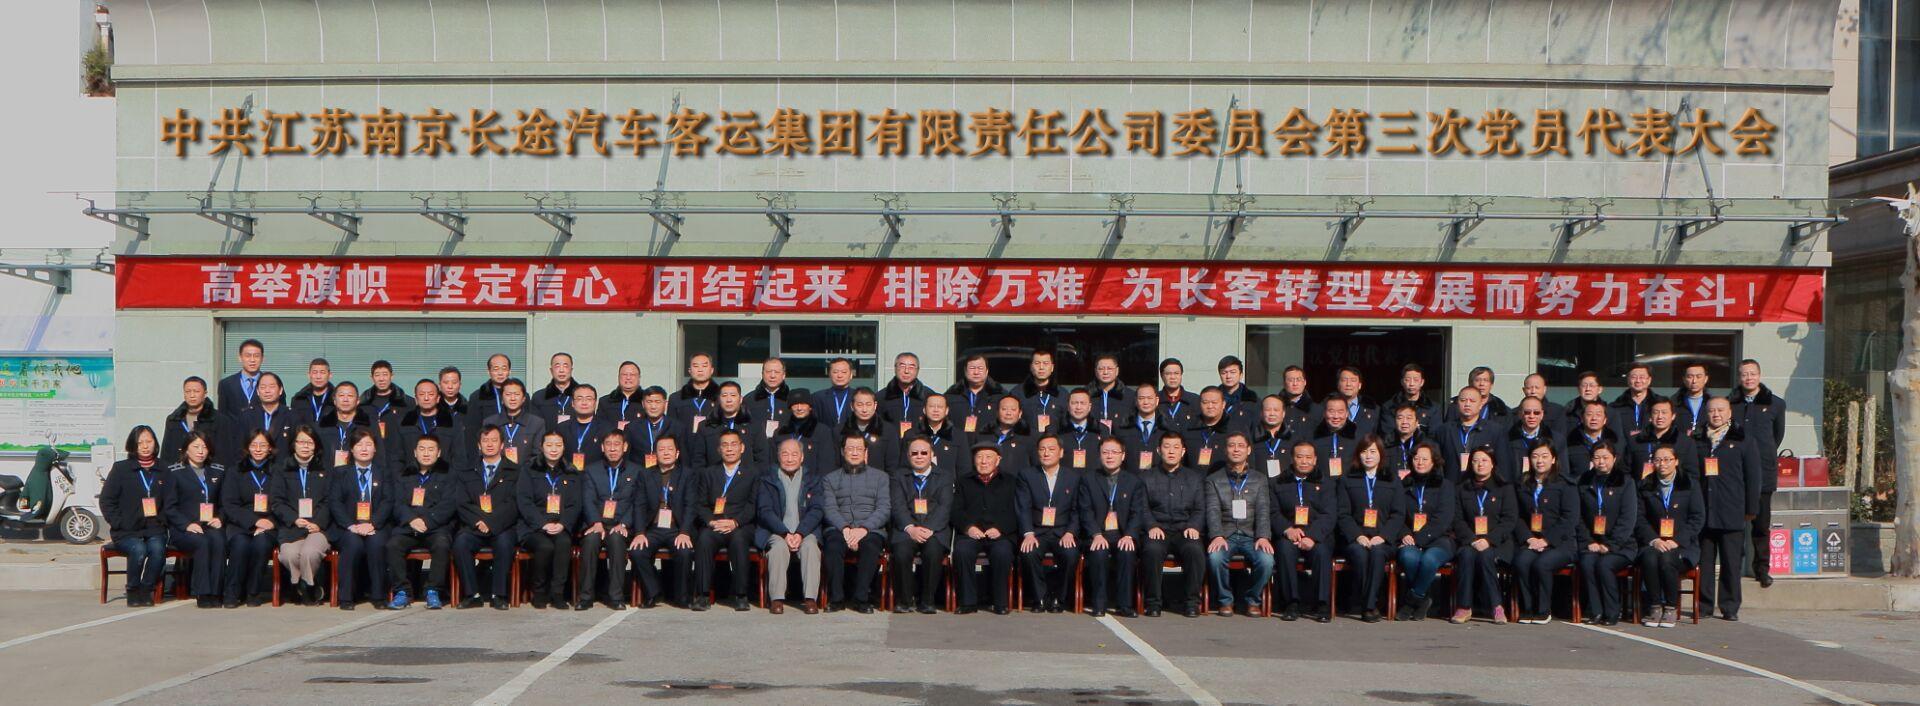 南京长客集团第三次党员代表大会隆重召开